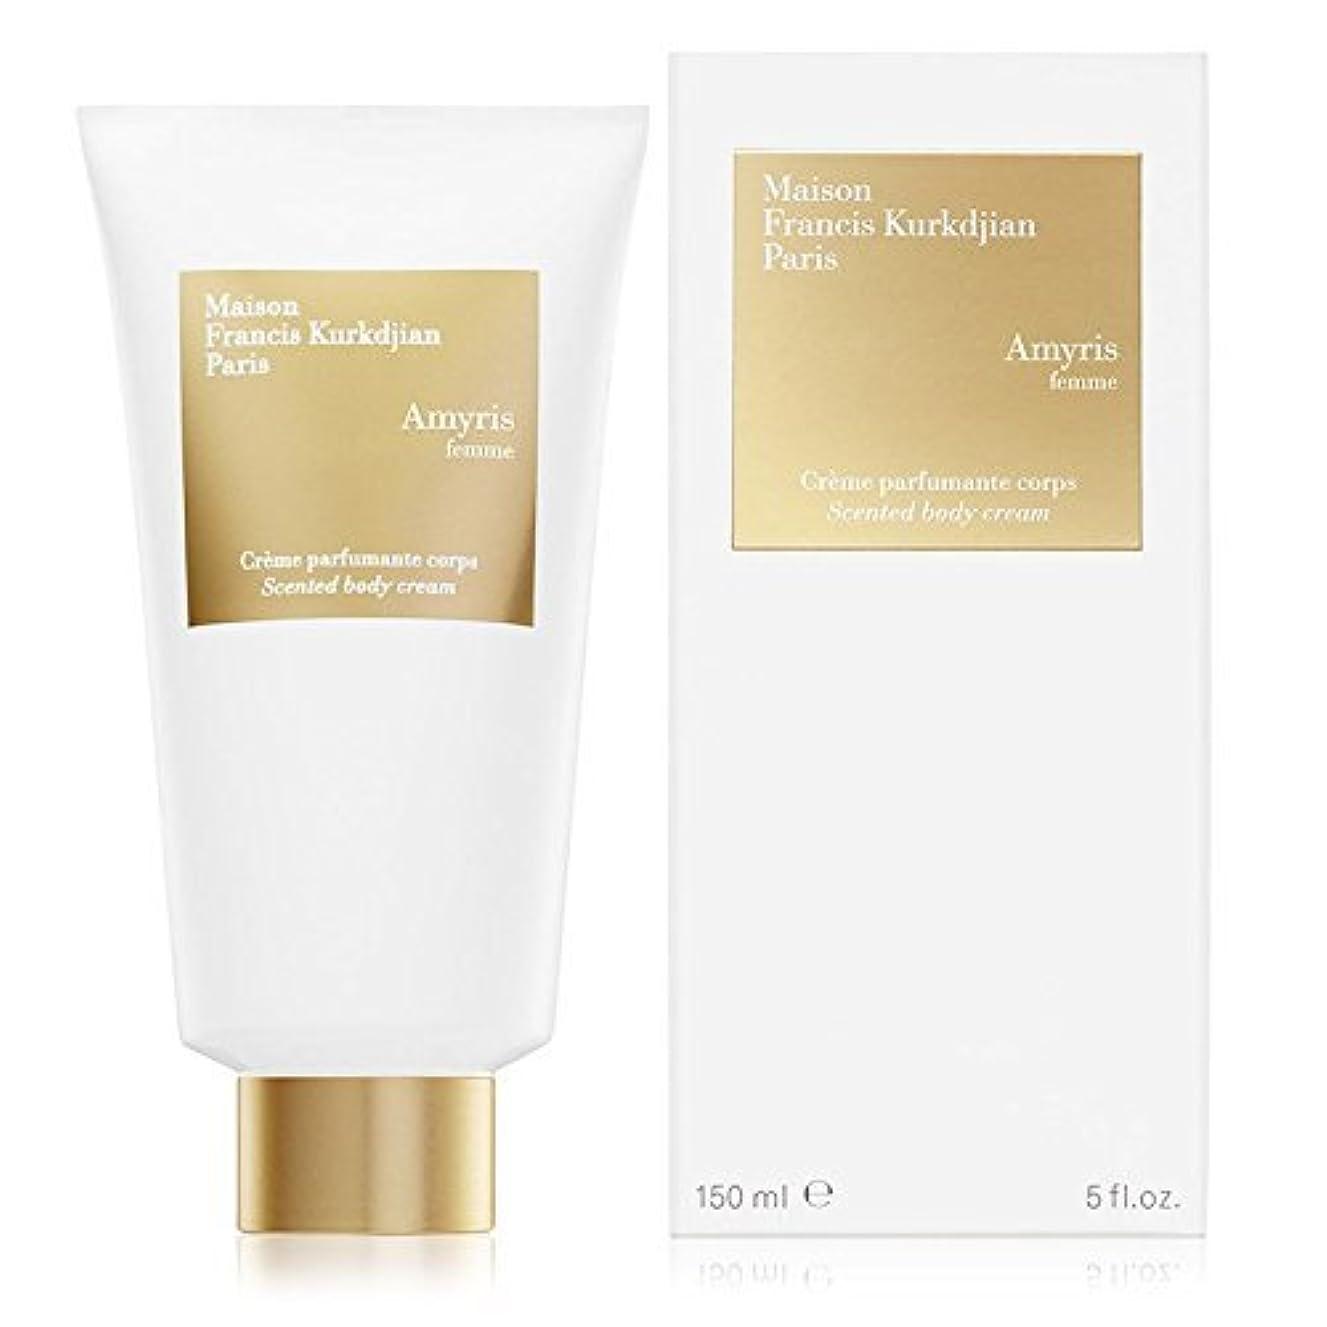 ホステスマトロンオーストラリア人Maison Francis Kurkdjian Amyris Femme Scented Body Cream(メゾン フランシス クルジャン アミリス ファム ボディクリーム)150ml [並行輸入品]